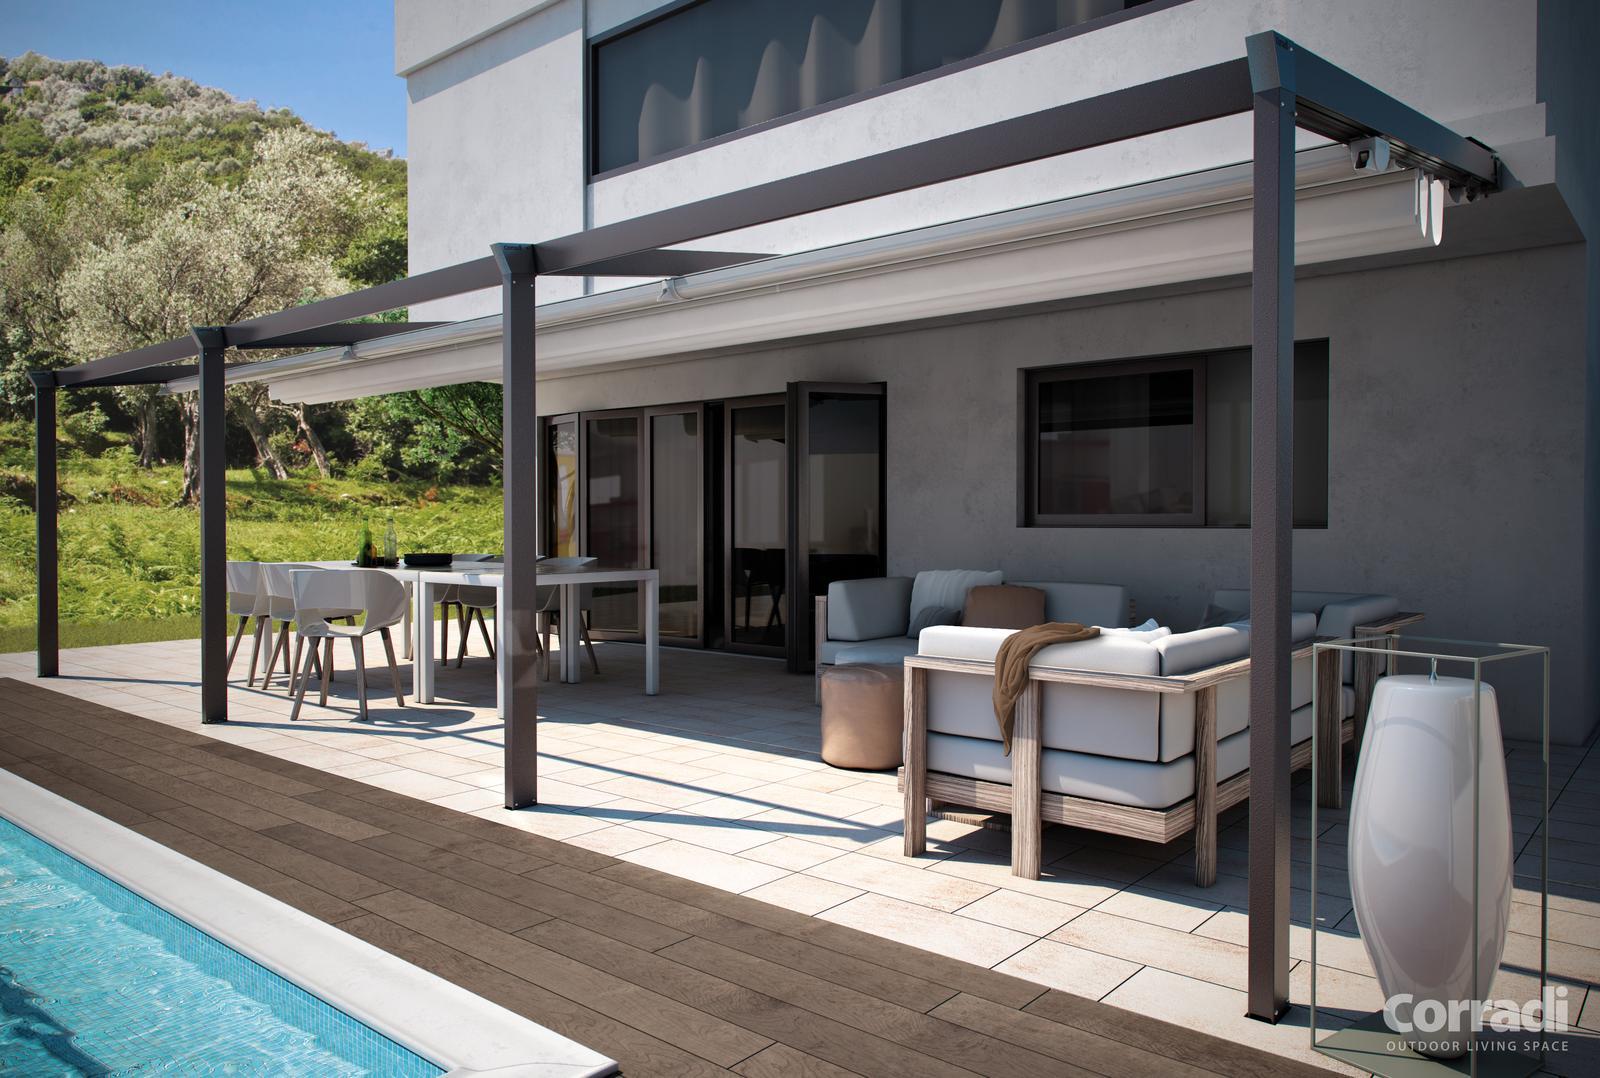 Pergola - Pergotenda Palladia - Elegantné zatienenie terasy s vysokou odolnosťou voči vetru a integrovaným odkvapovým systémom.